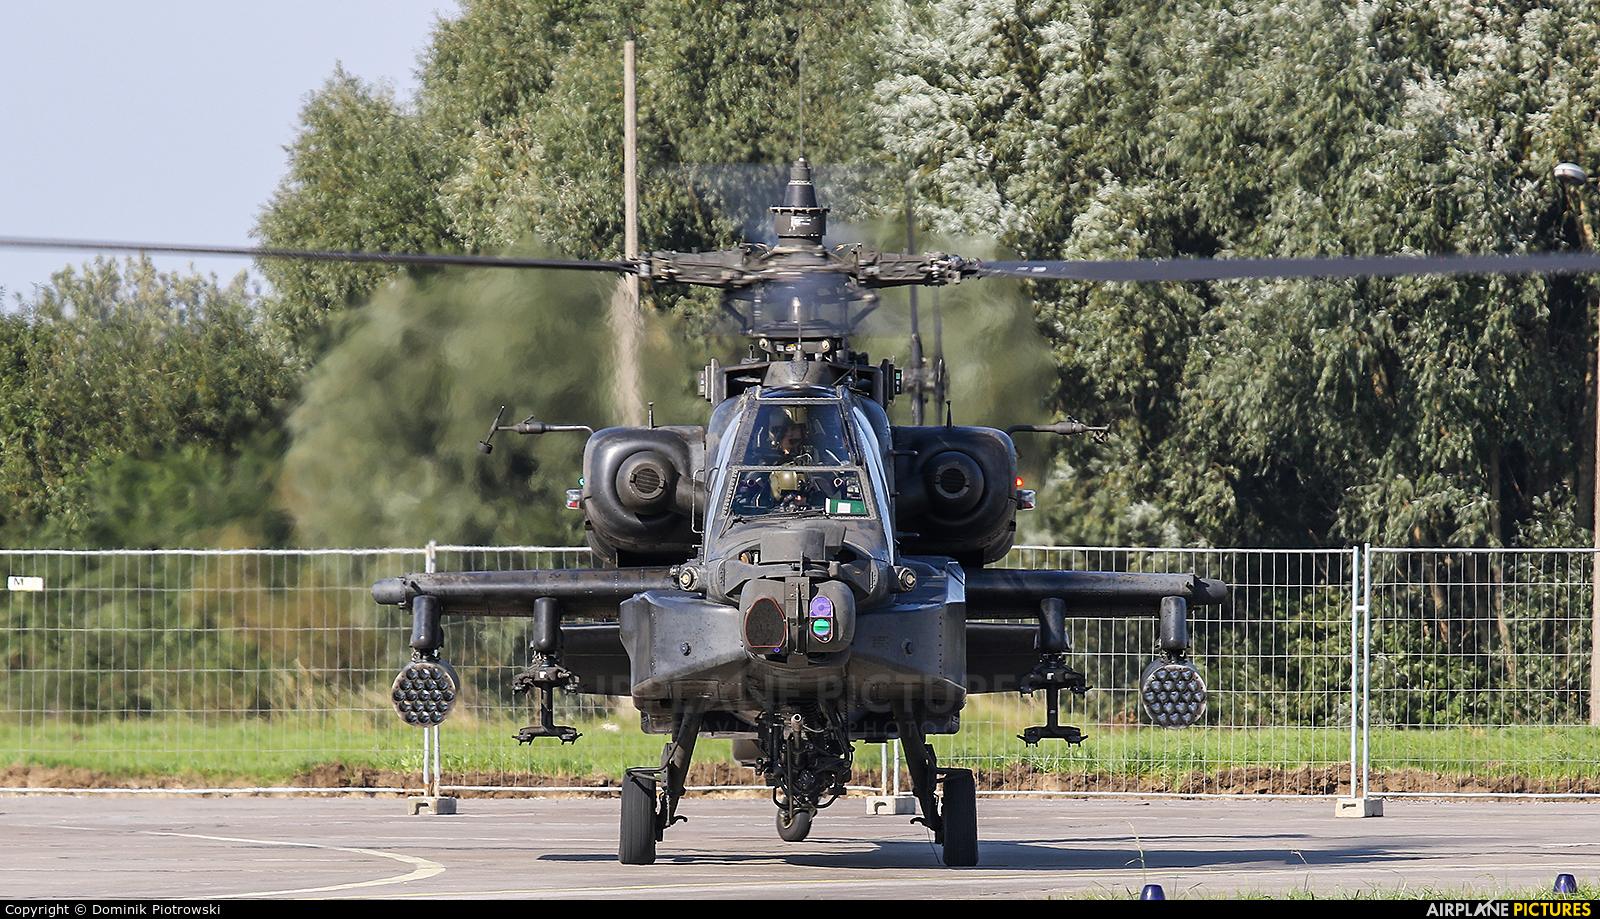 USA - Army 04-05426 aircraft at Malbork